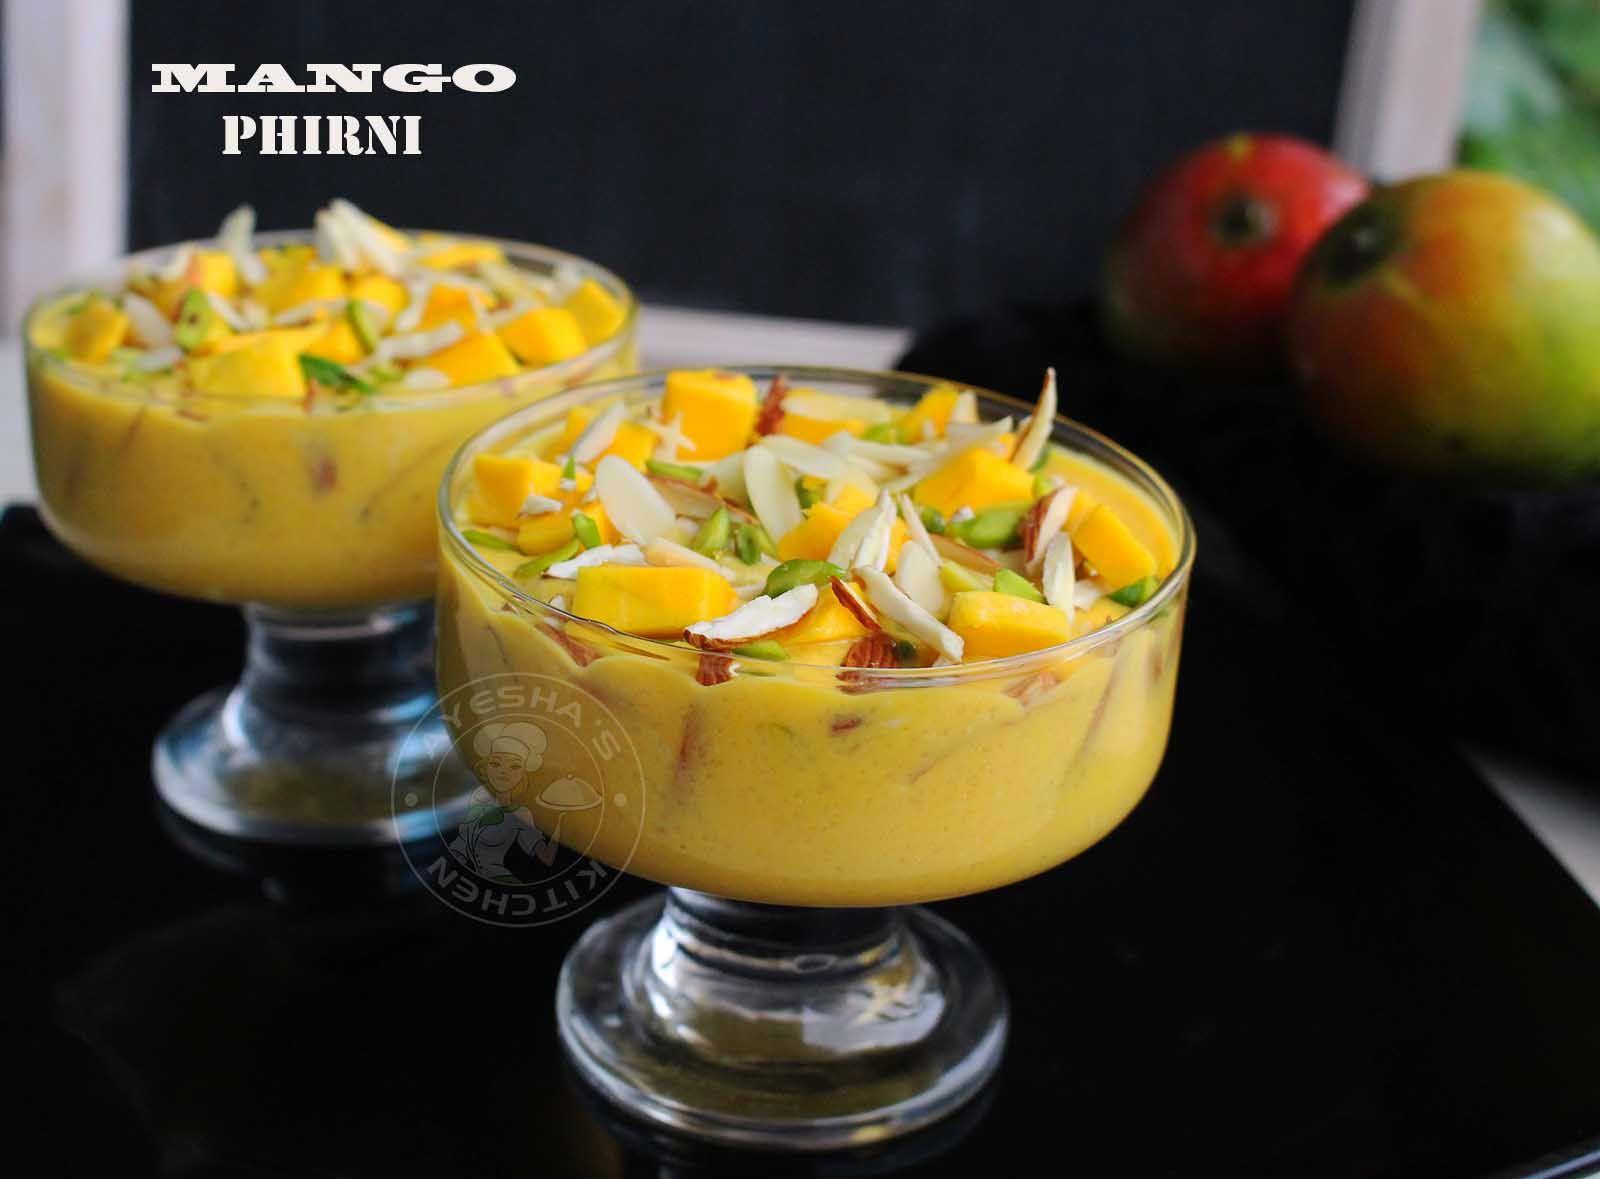 Mango phirni recipe mango dessert recipes indian night pinterest mango phirni recipe mango dessert recipes indian dessertsindian food forumfinder Images